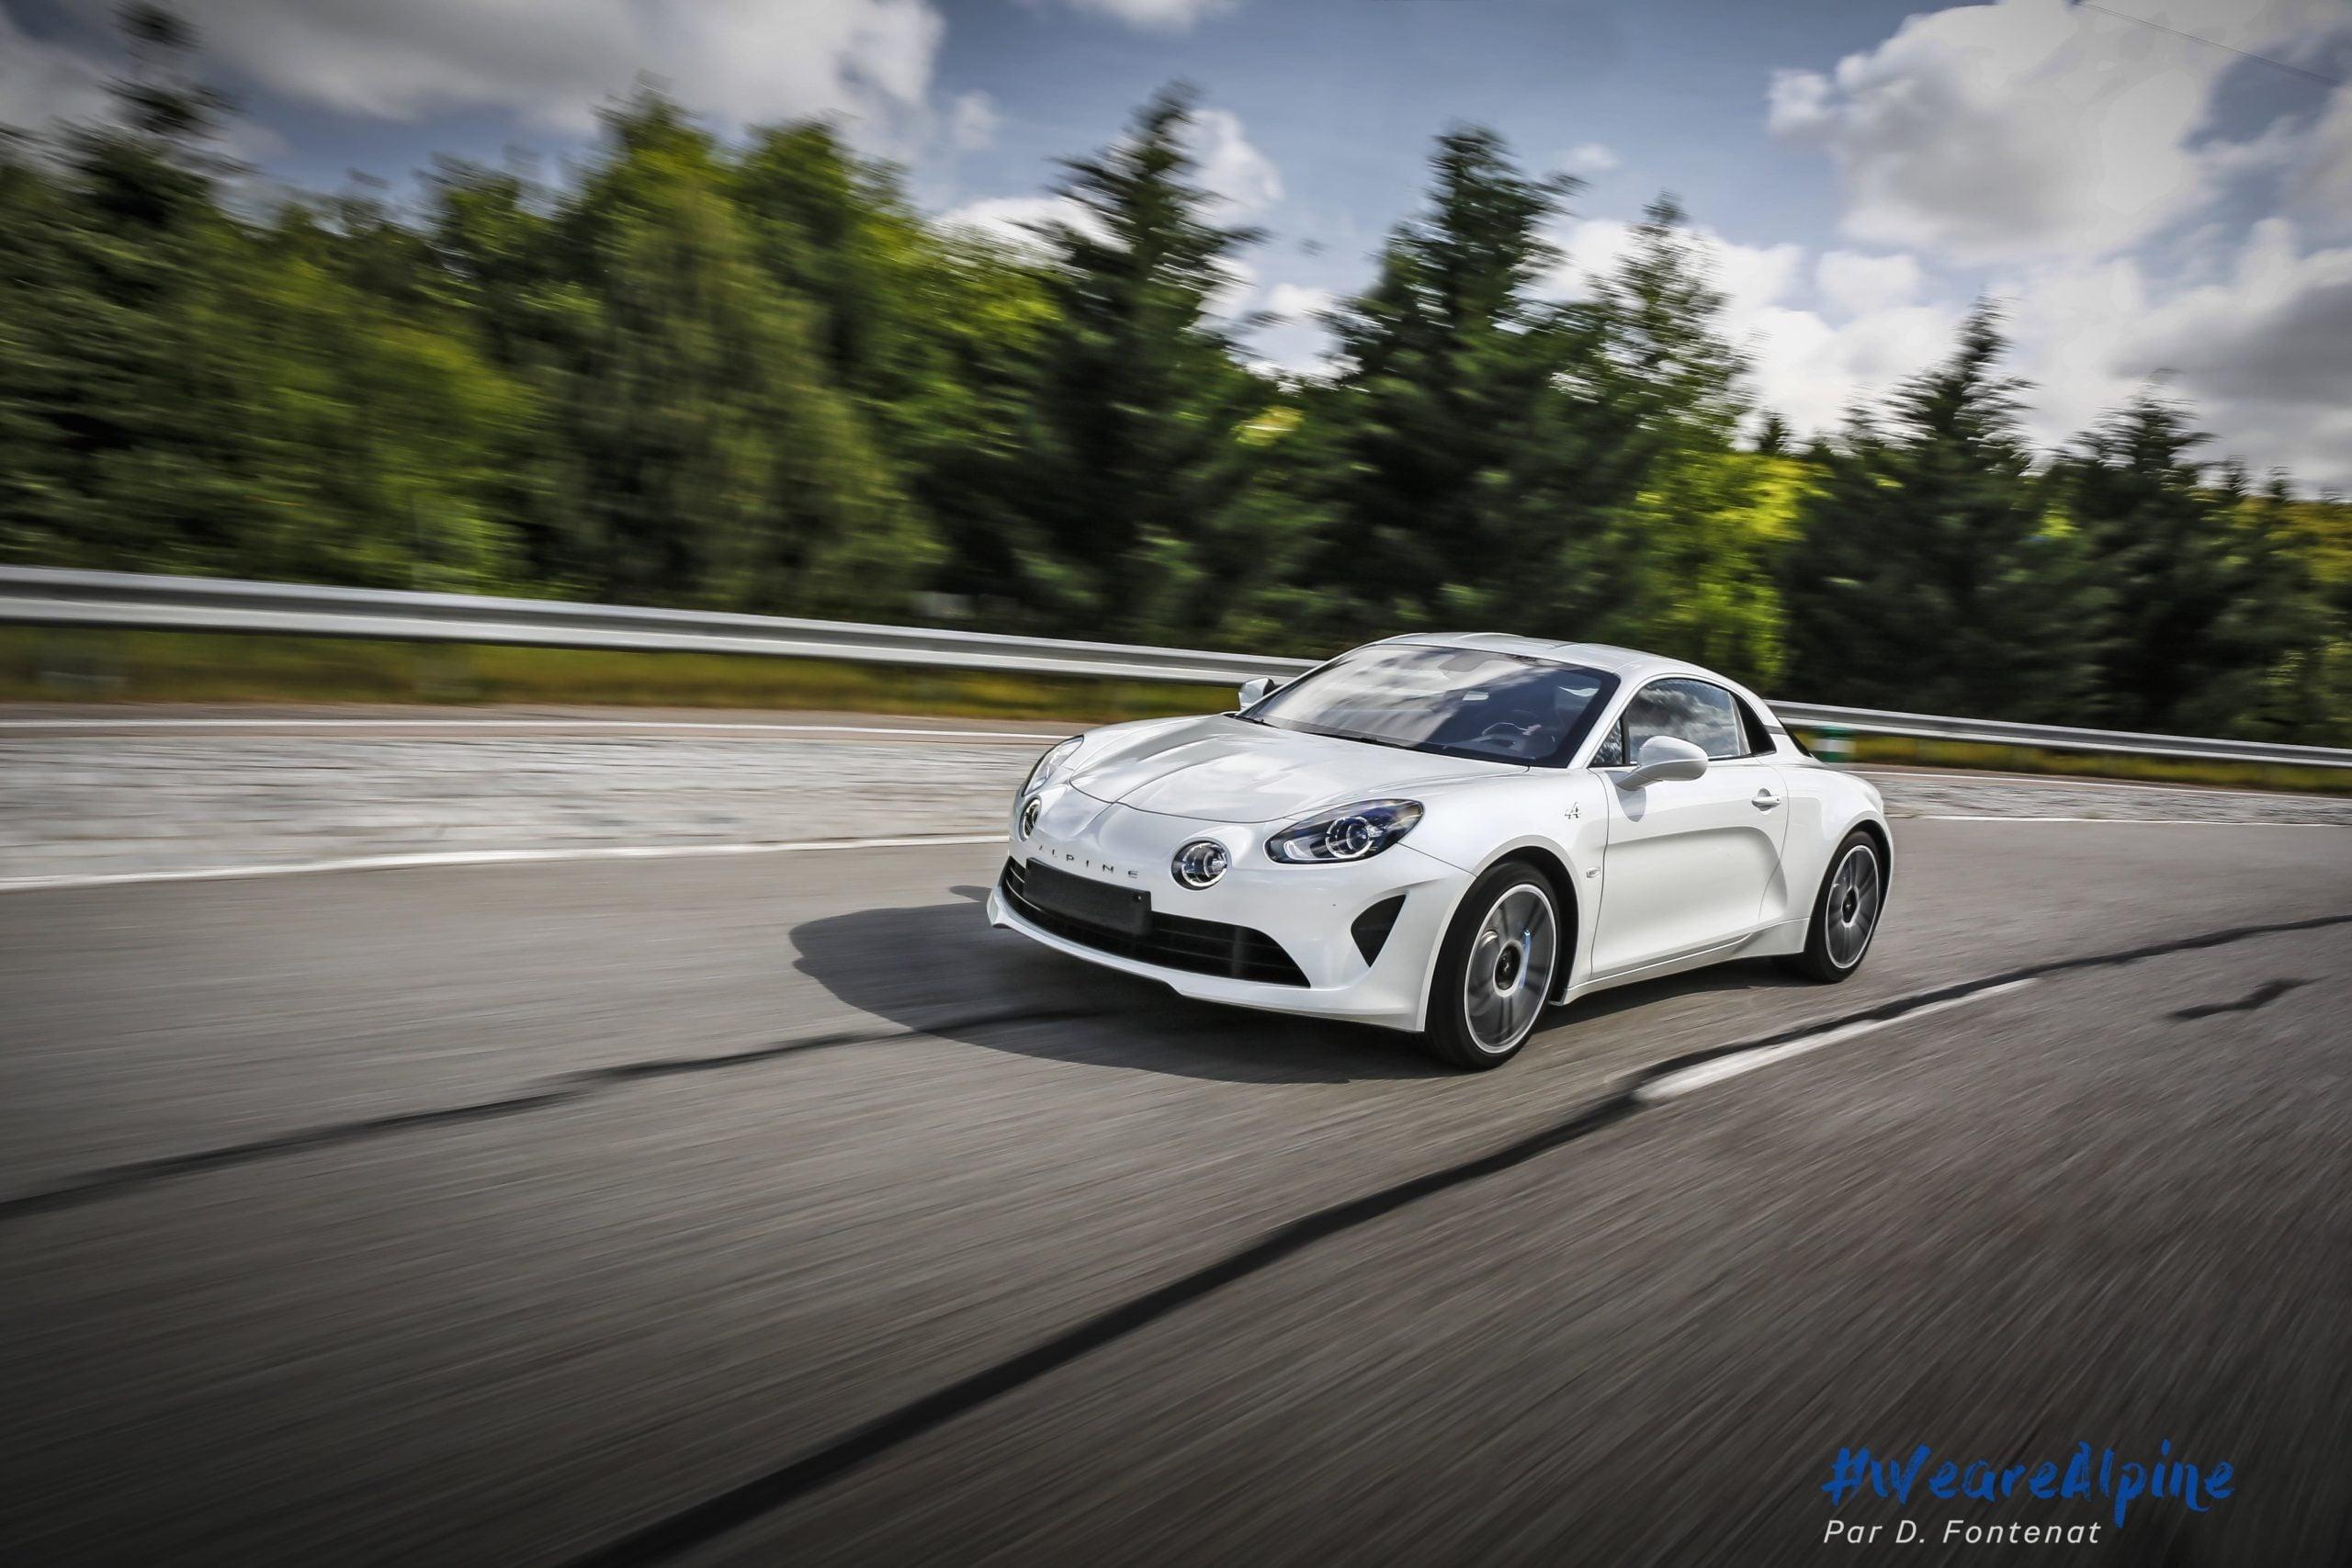 DF18723©D.Fontenat scaled | Essai vidéo de la nouvelle Alpine A110 sur circuit en exclusivité mondiale !